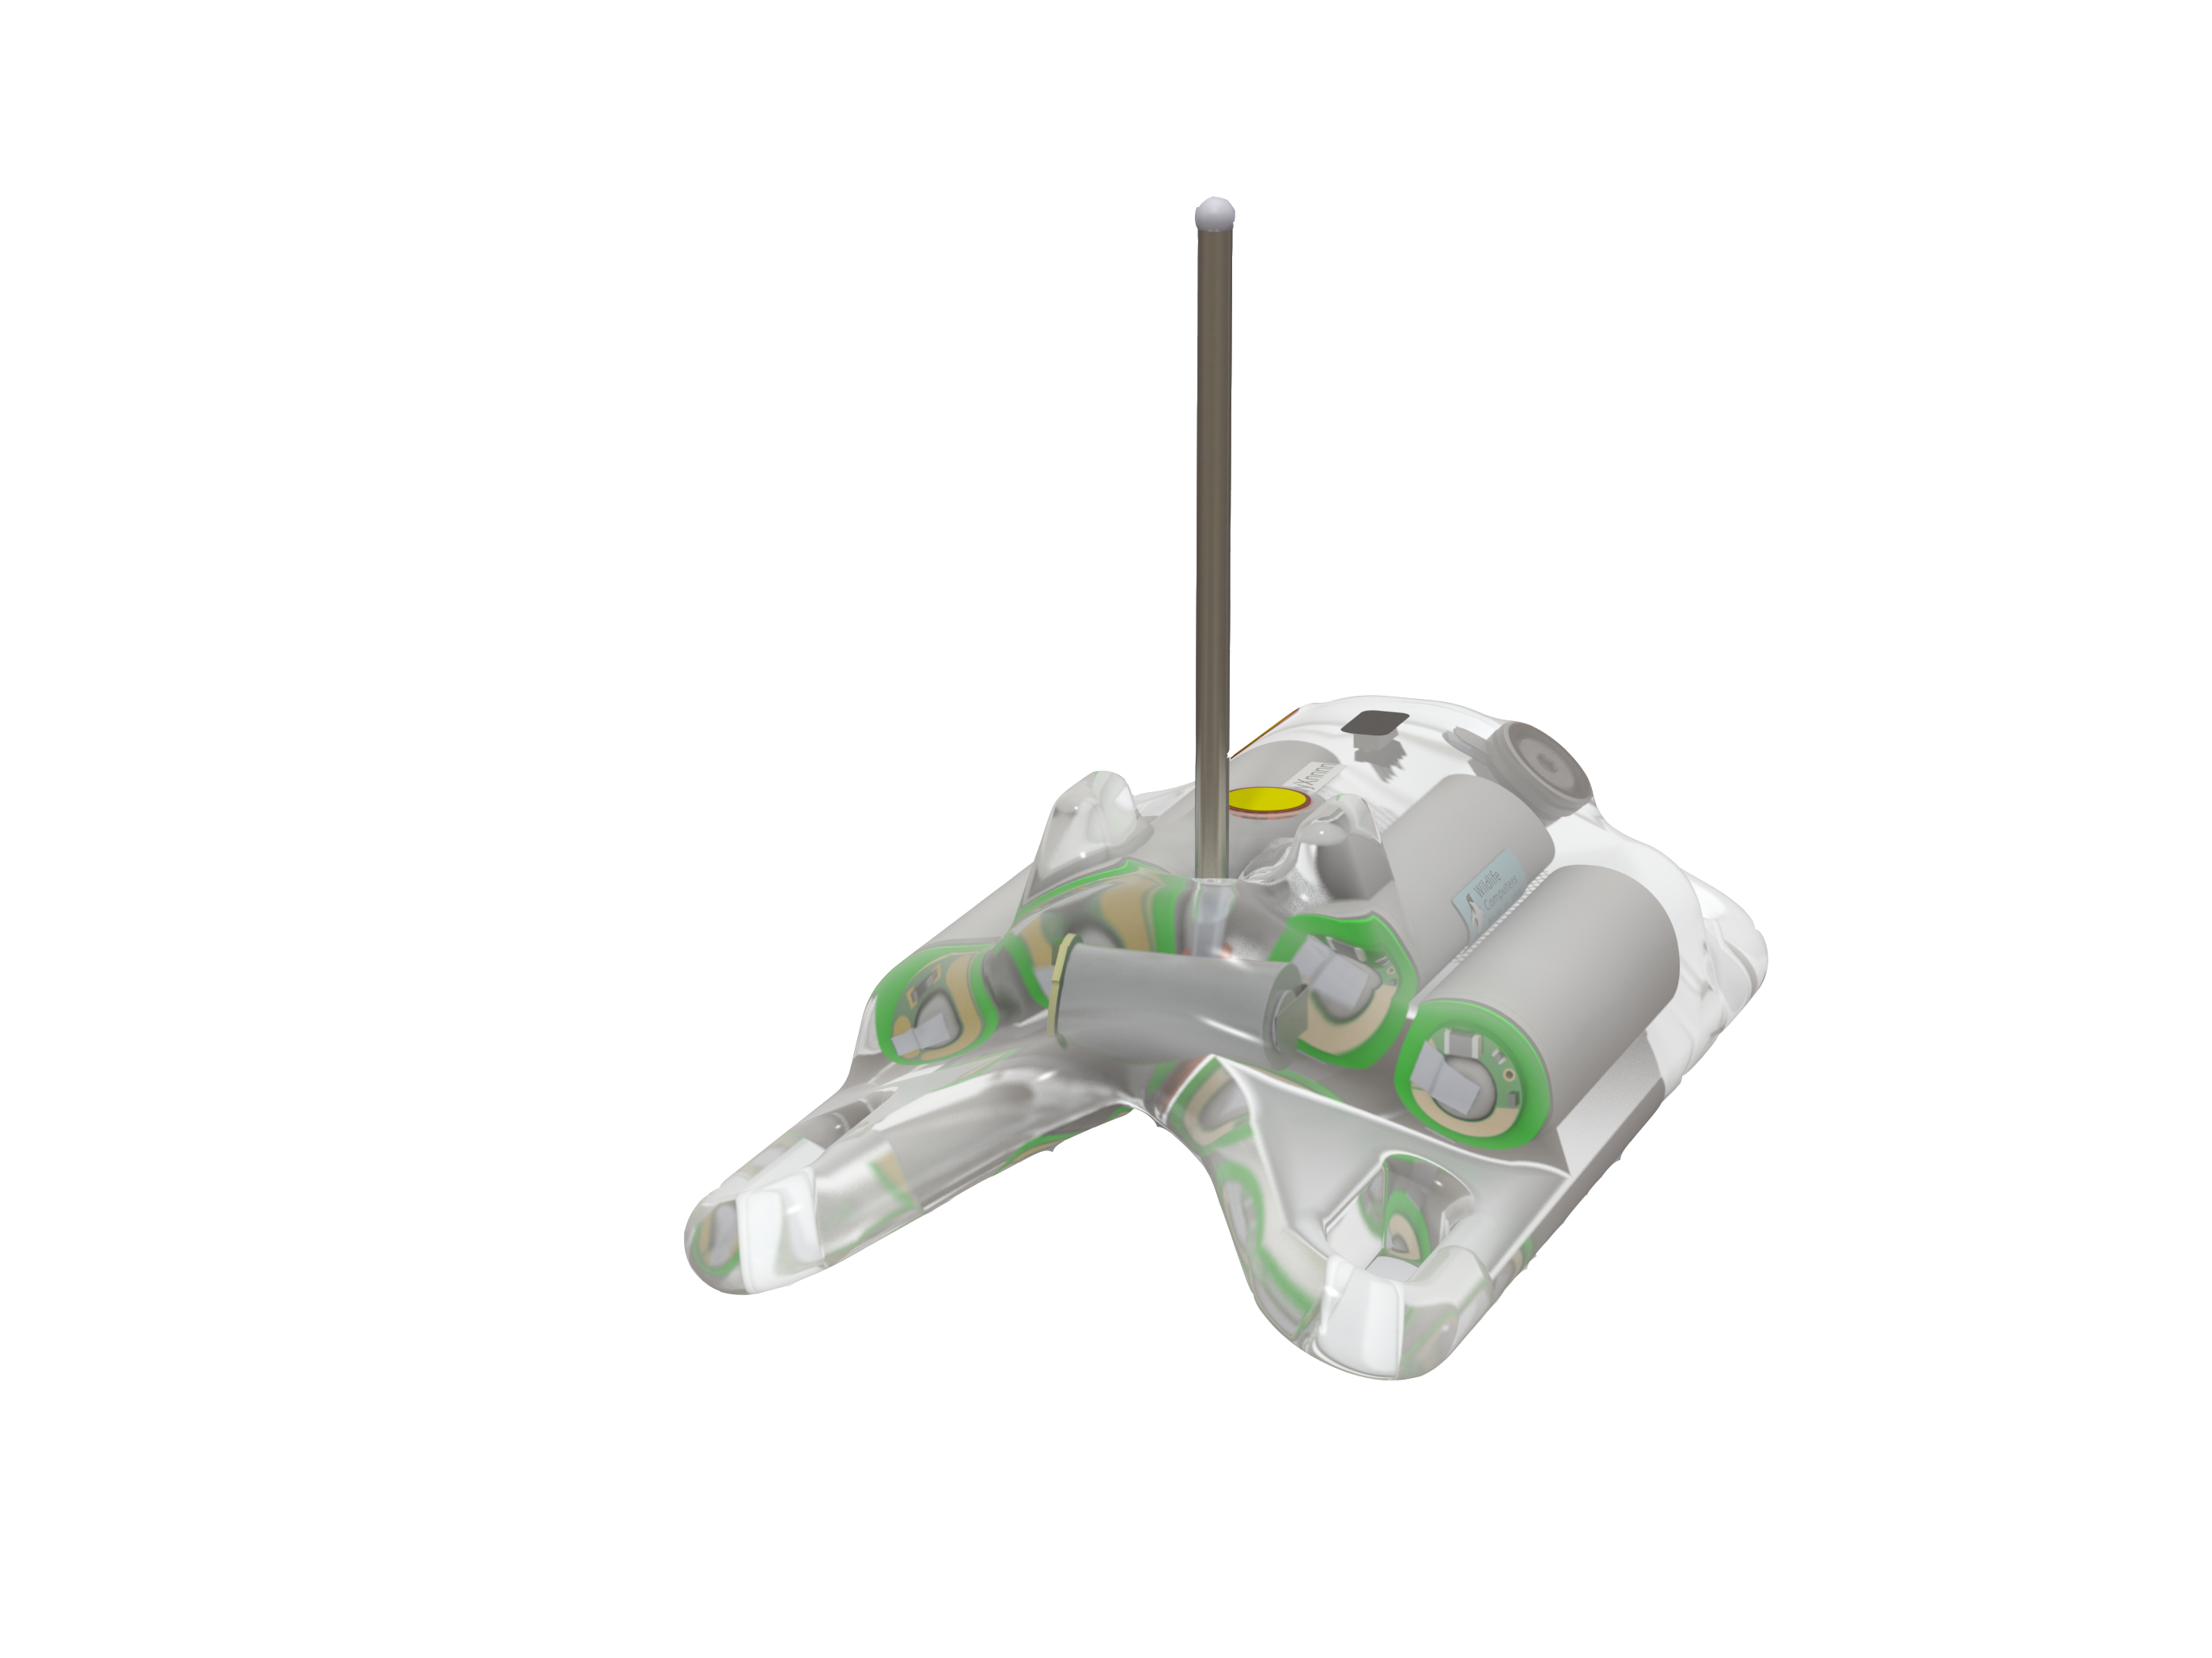 SPOT-317